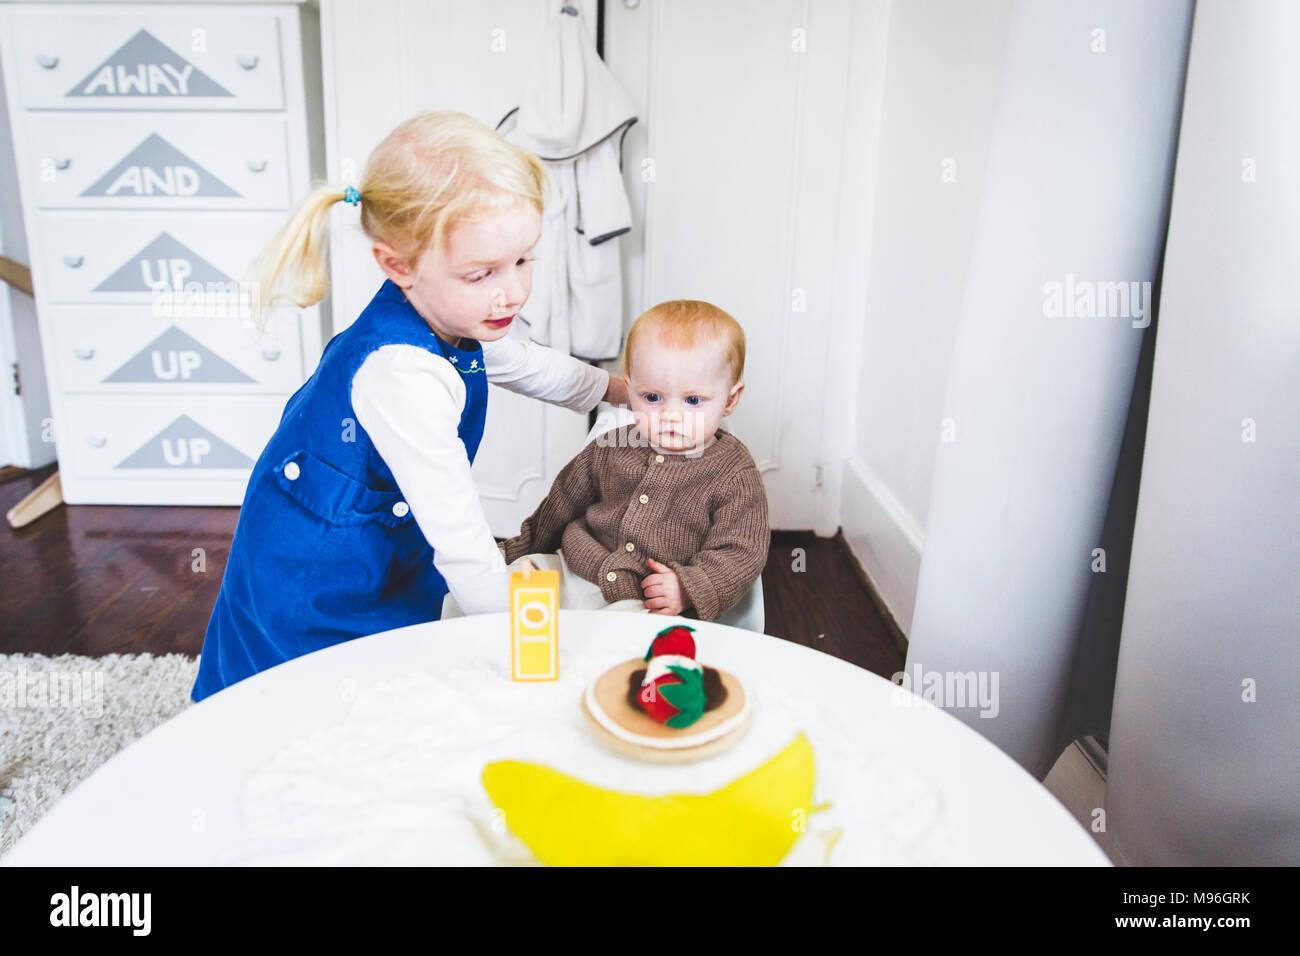 Bébé fille aidant à table Photo Stock